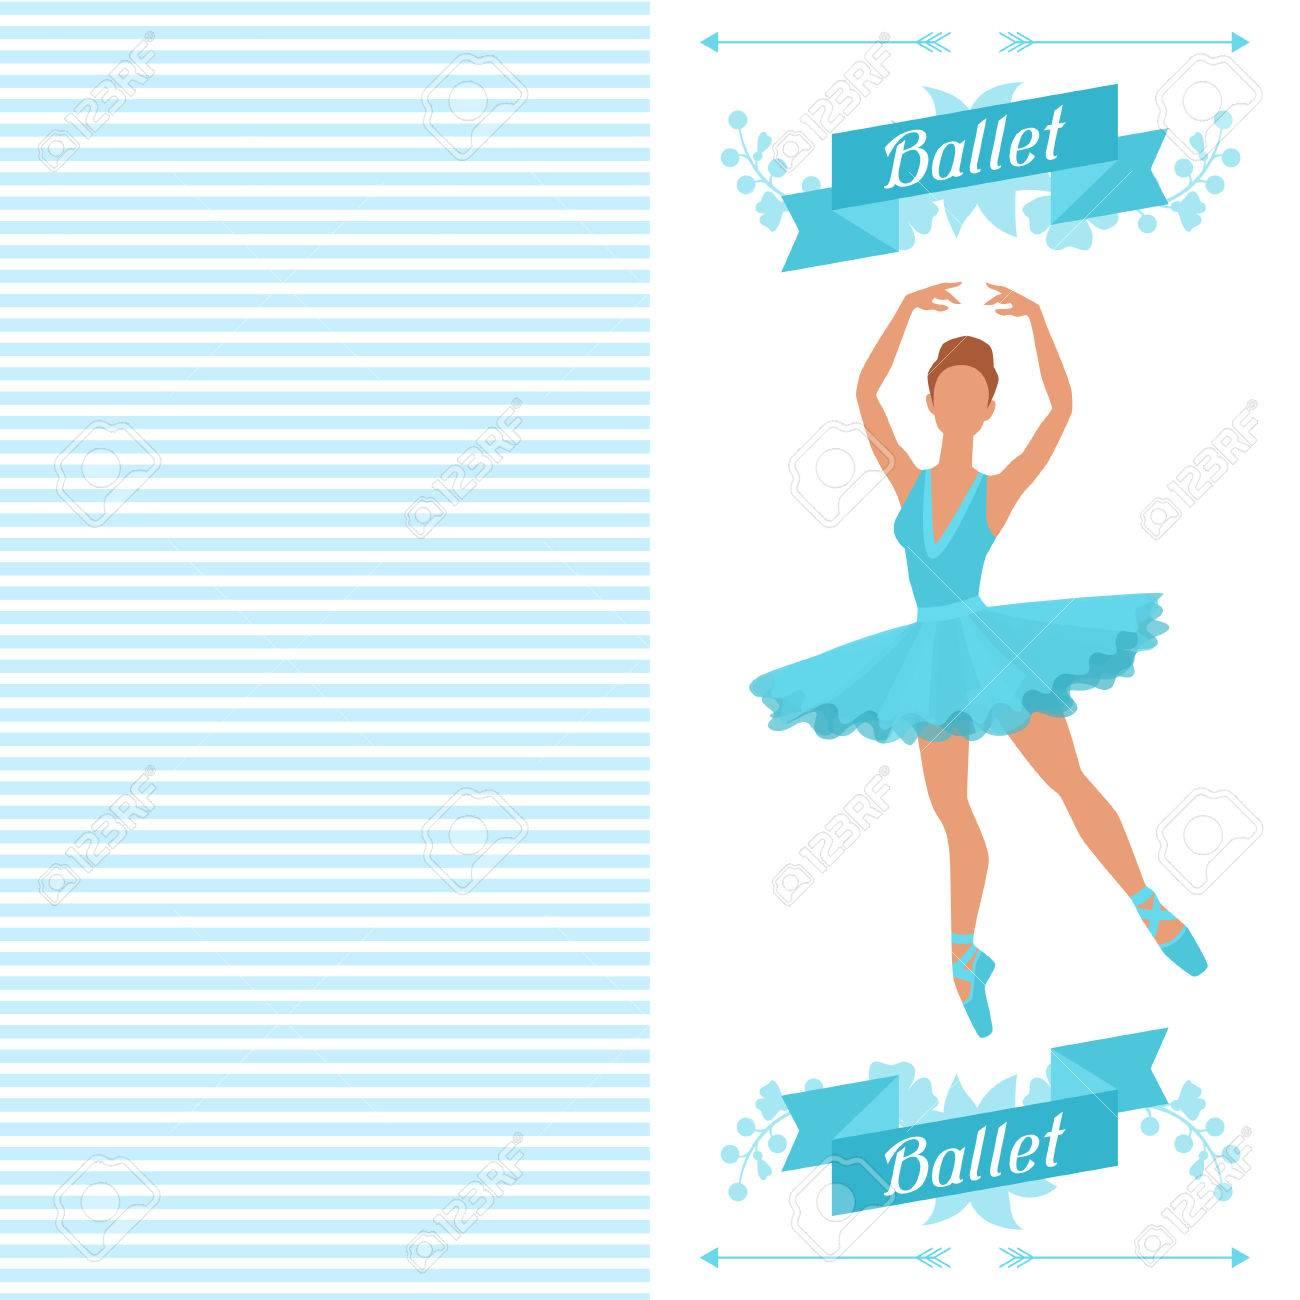 Tarjeta De Invitación Al Espectáculo De Danza Del Ballet Con La Bailarina